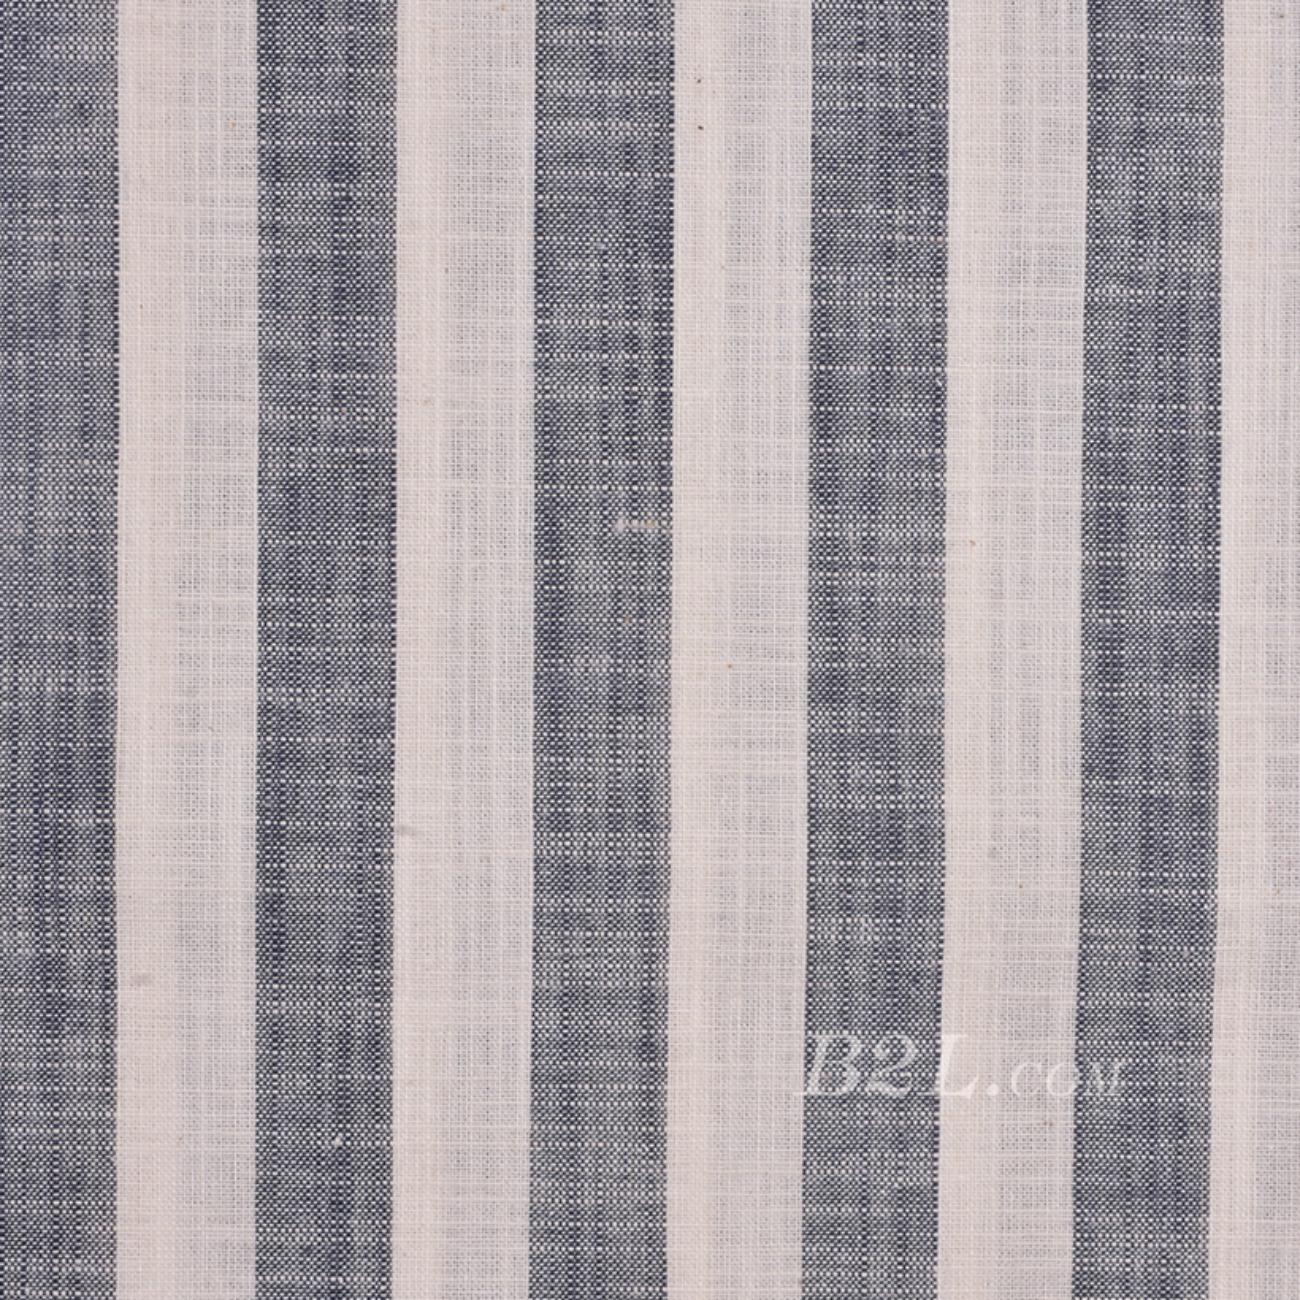 棉麻 梭織 條紋 小提花 色織 麻感 低彈 春秋 連衣裙 短裙 80912-20